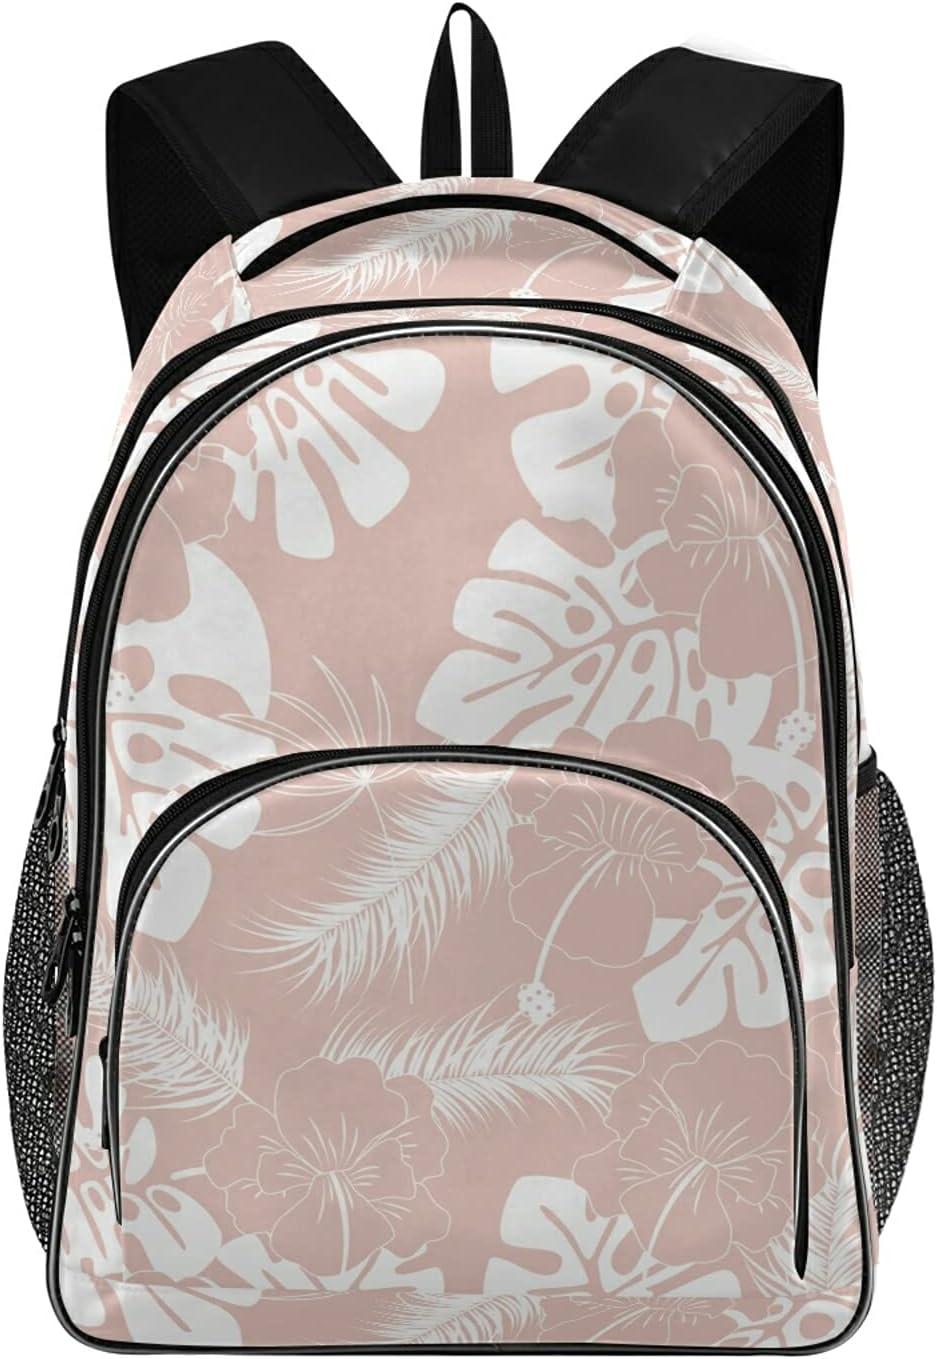 School Cheap SALE Start Backpack Bookbag Direct store Laptop Daypack for Girls Women Schoolbag